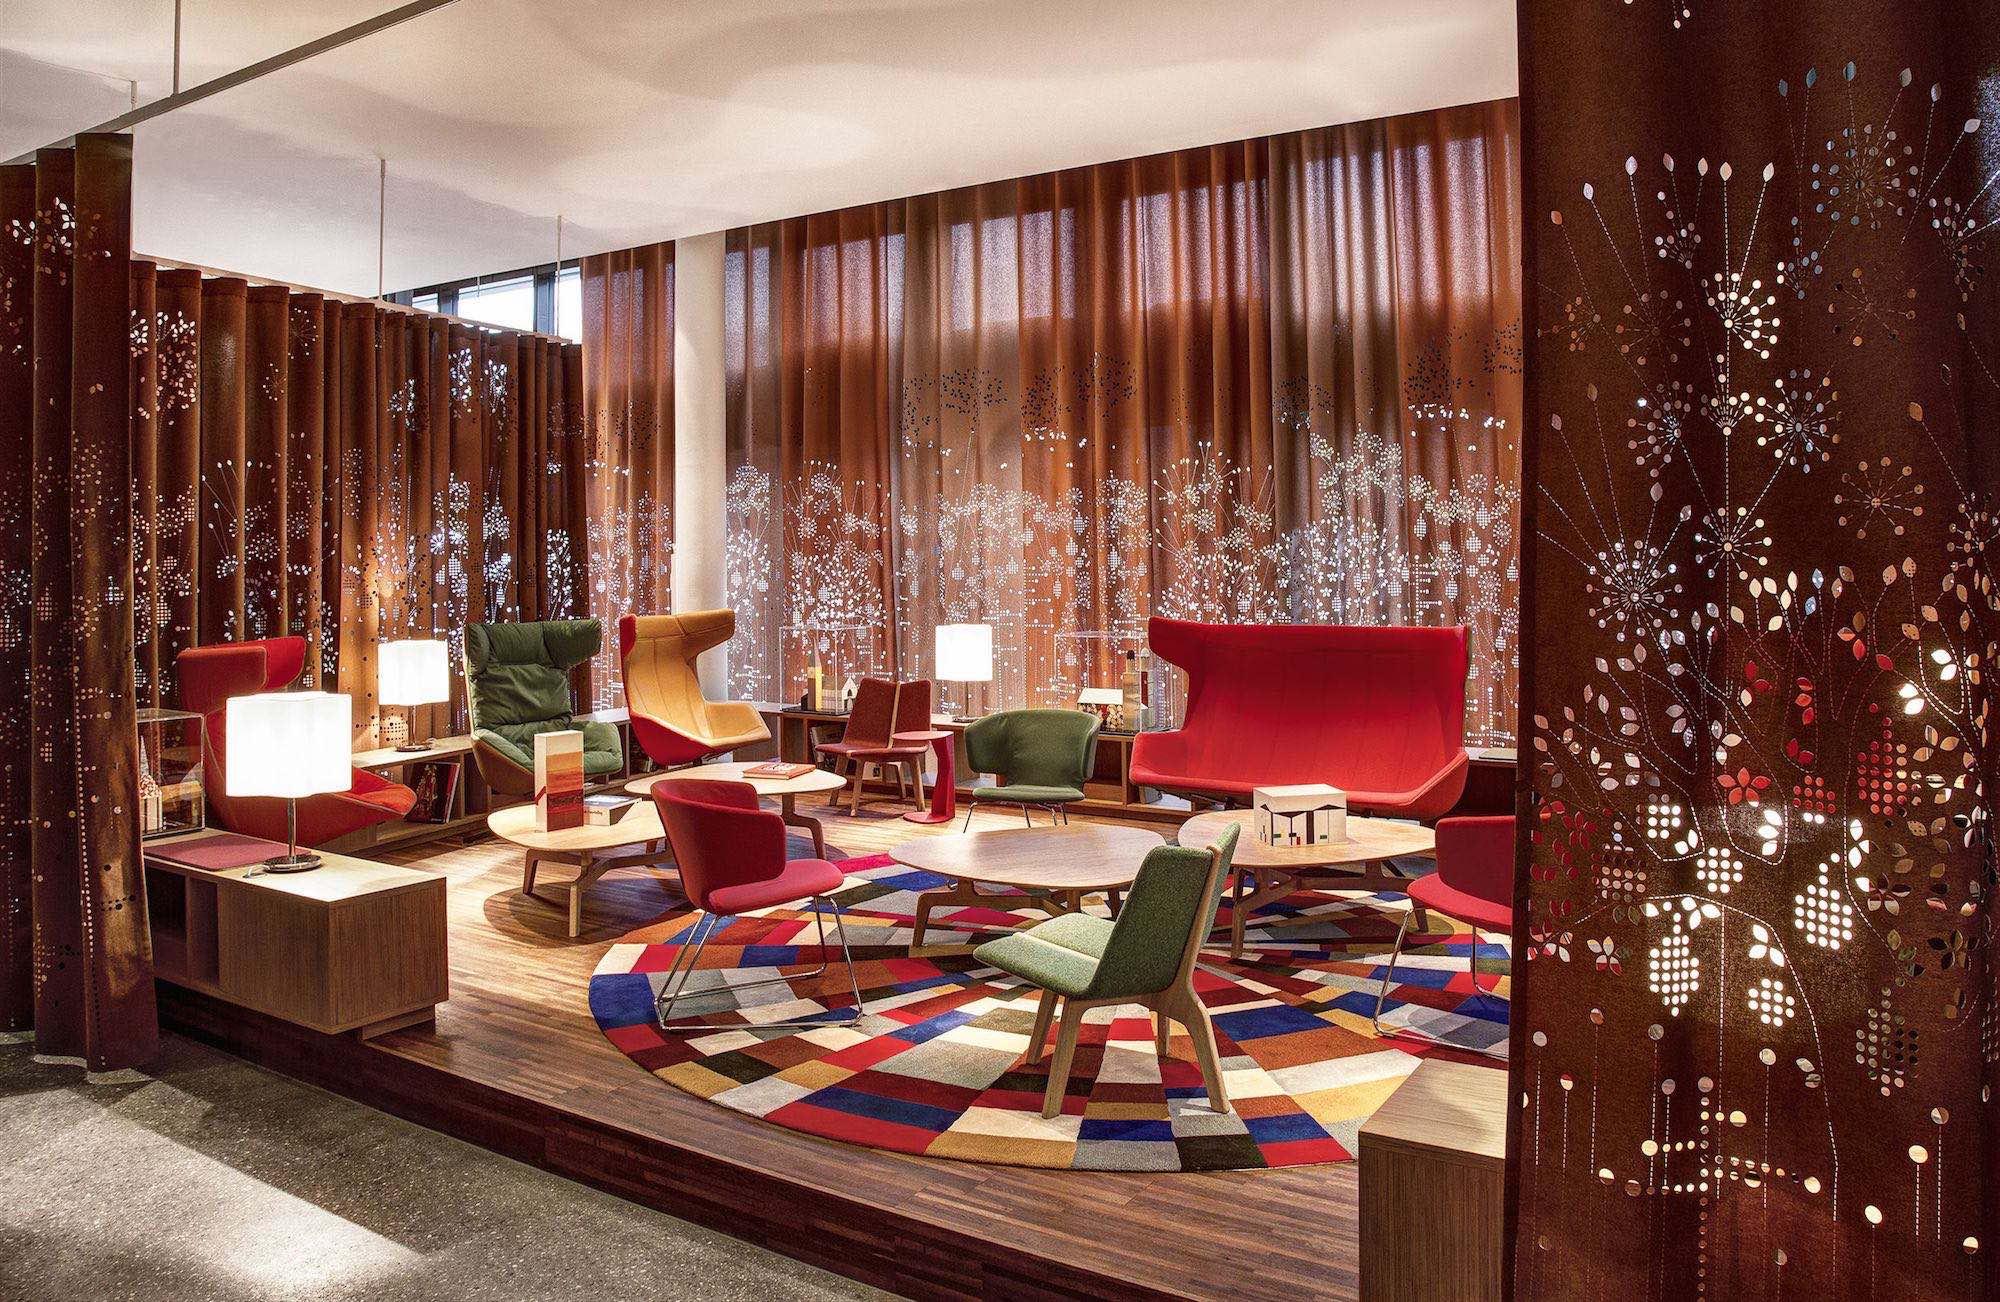 Hotel_25hours_Bookworm_01